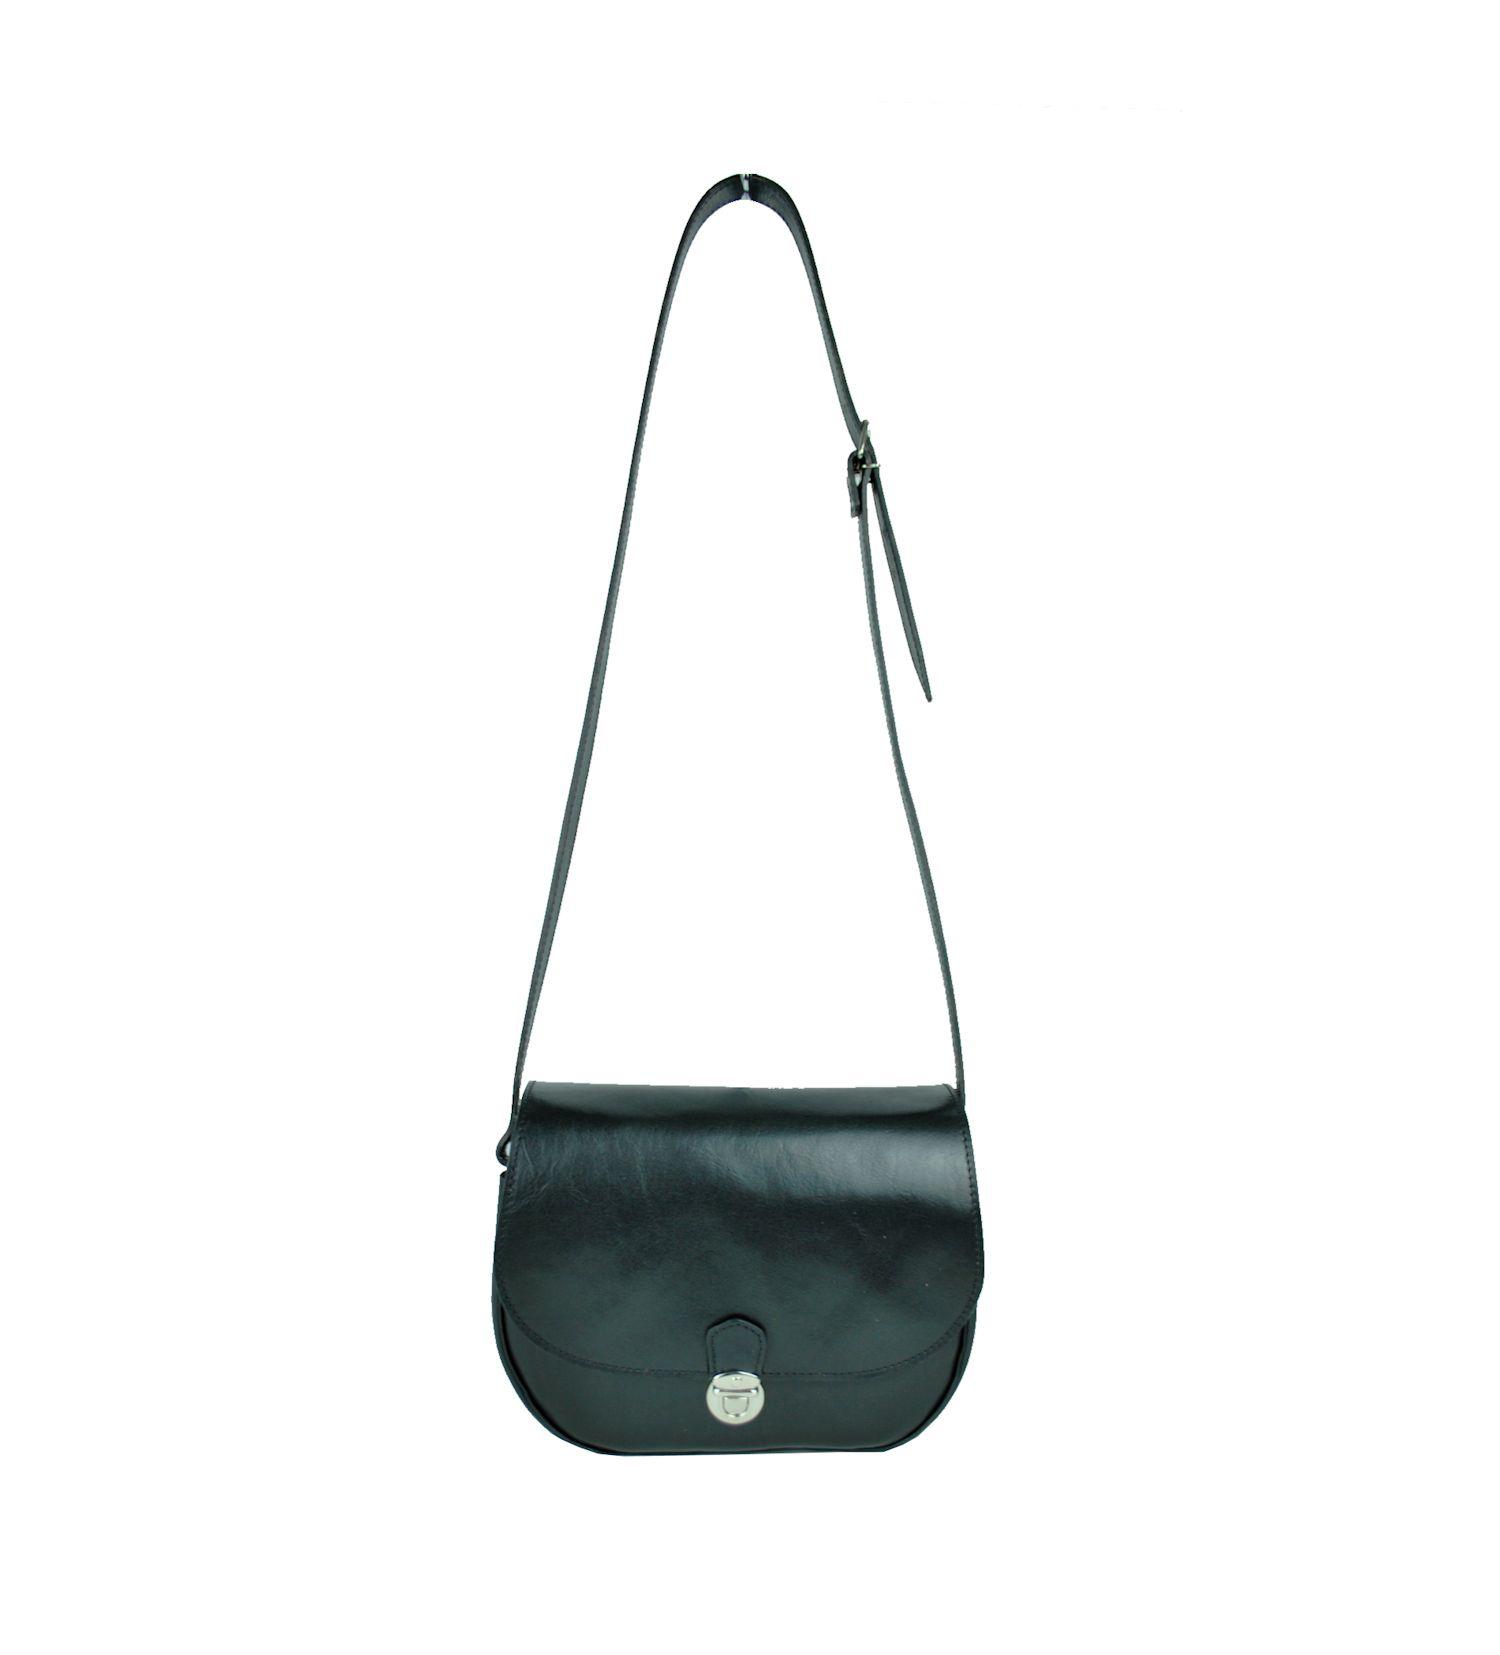 Rustikálna kožená kabelka, ručne tieňovaná, čierna farba je vyrobená z prírodnej triesločinenej usne z ručným natieraním a následným tieňovaním krajov. (2)